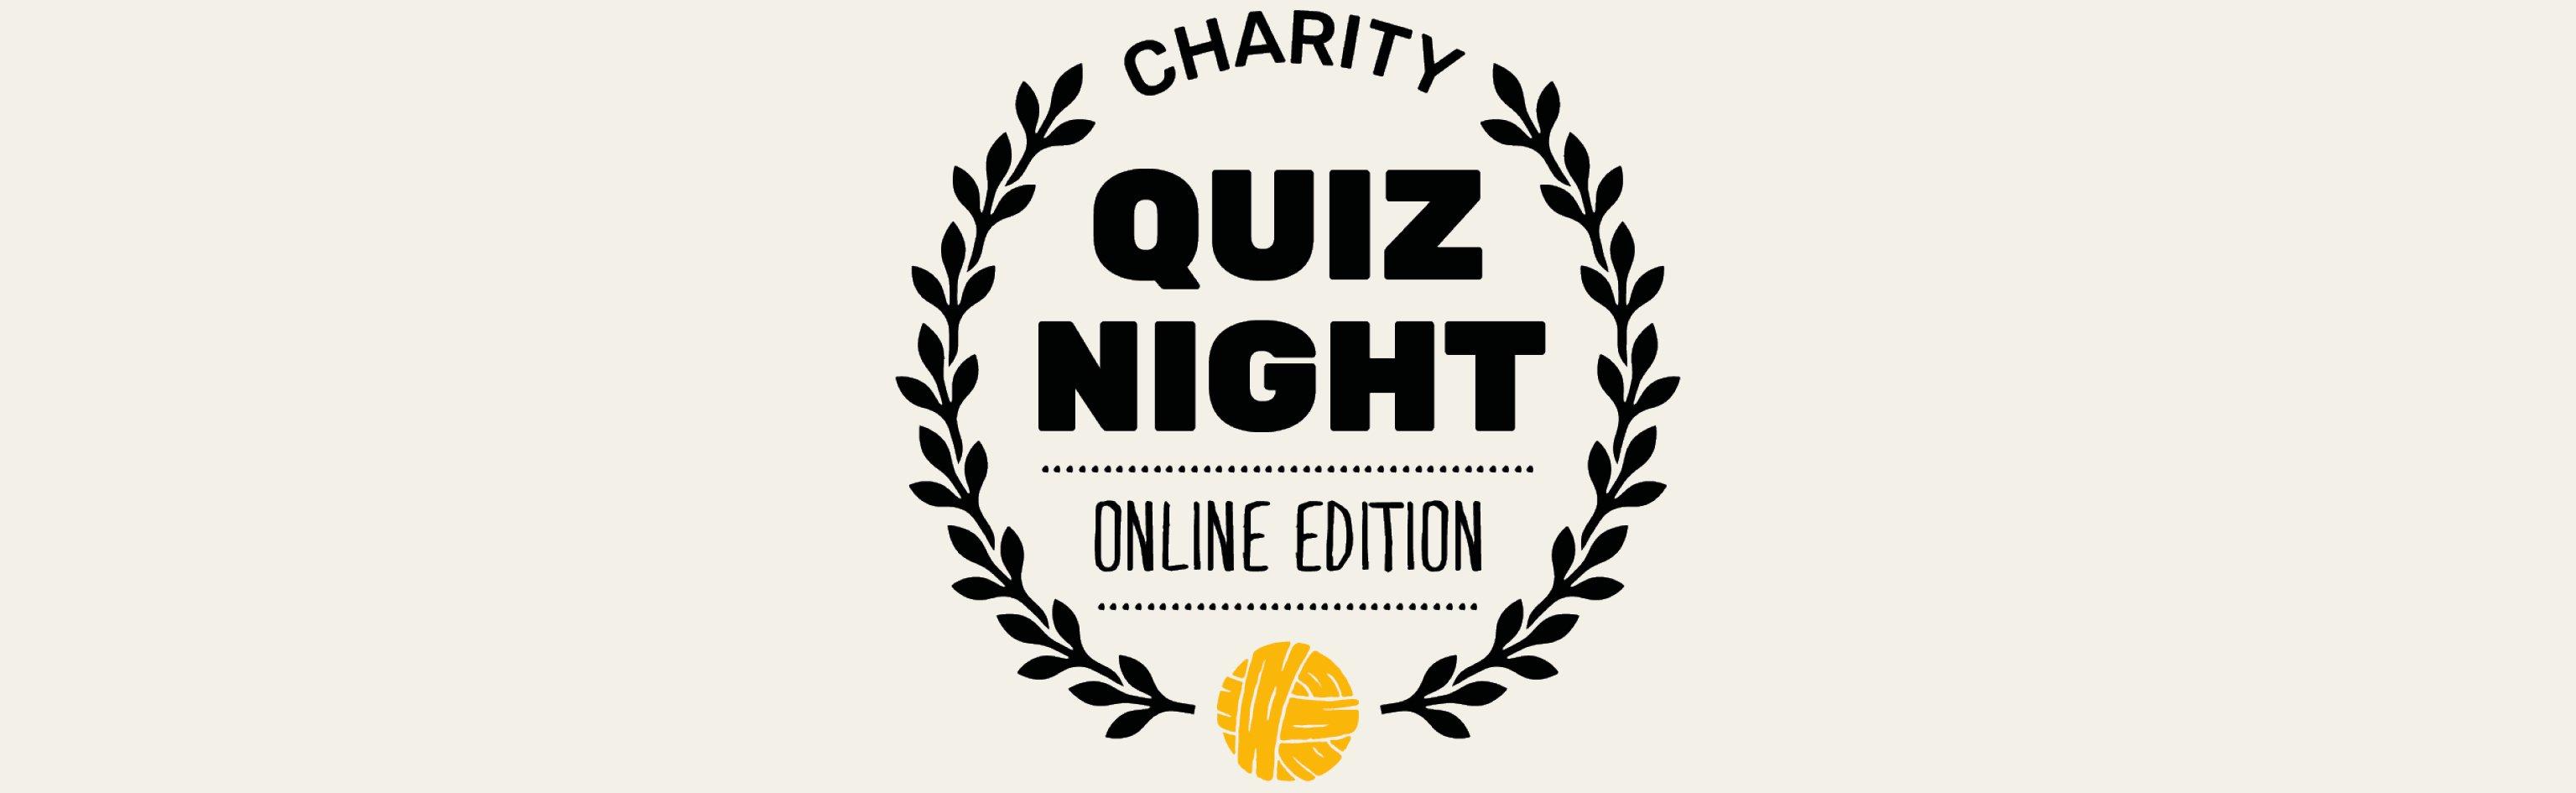 Quiz Night online logo banner